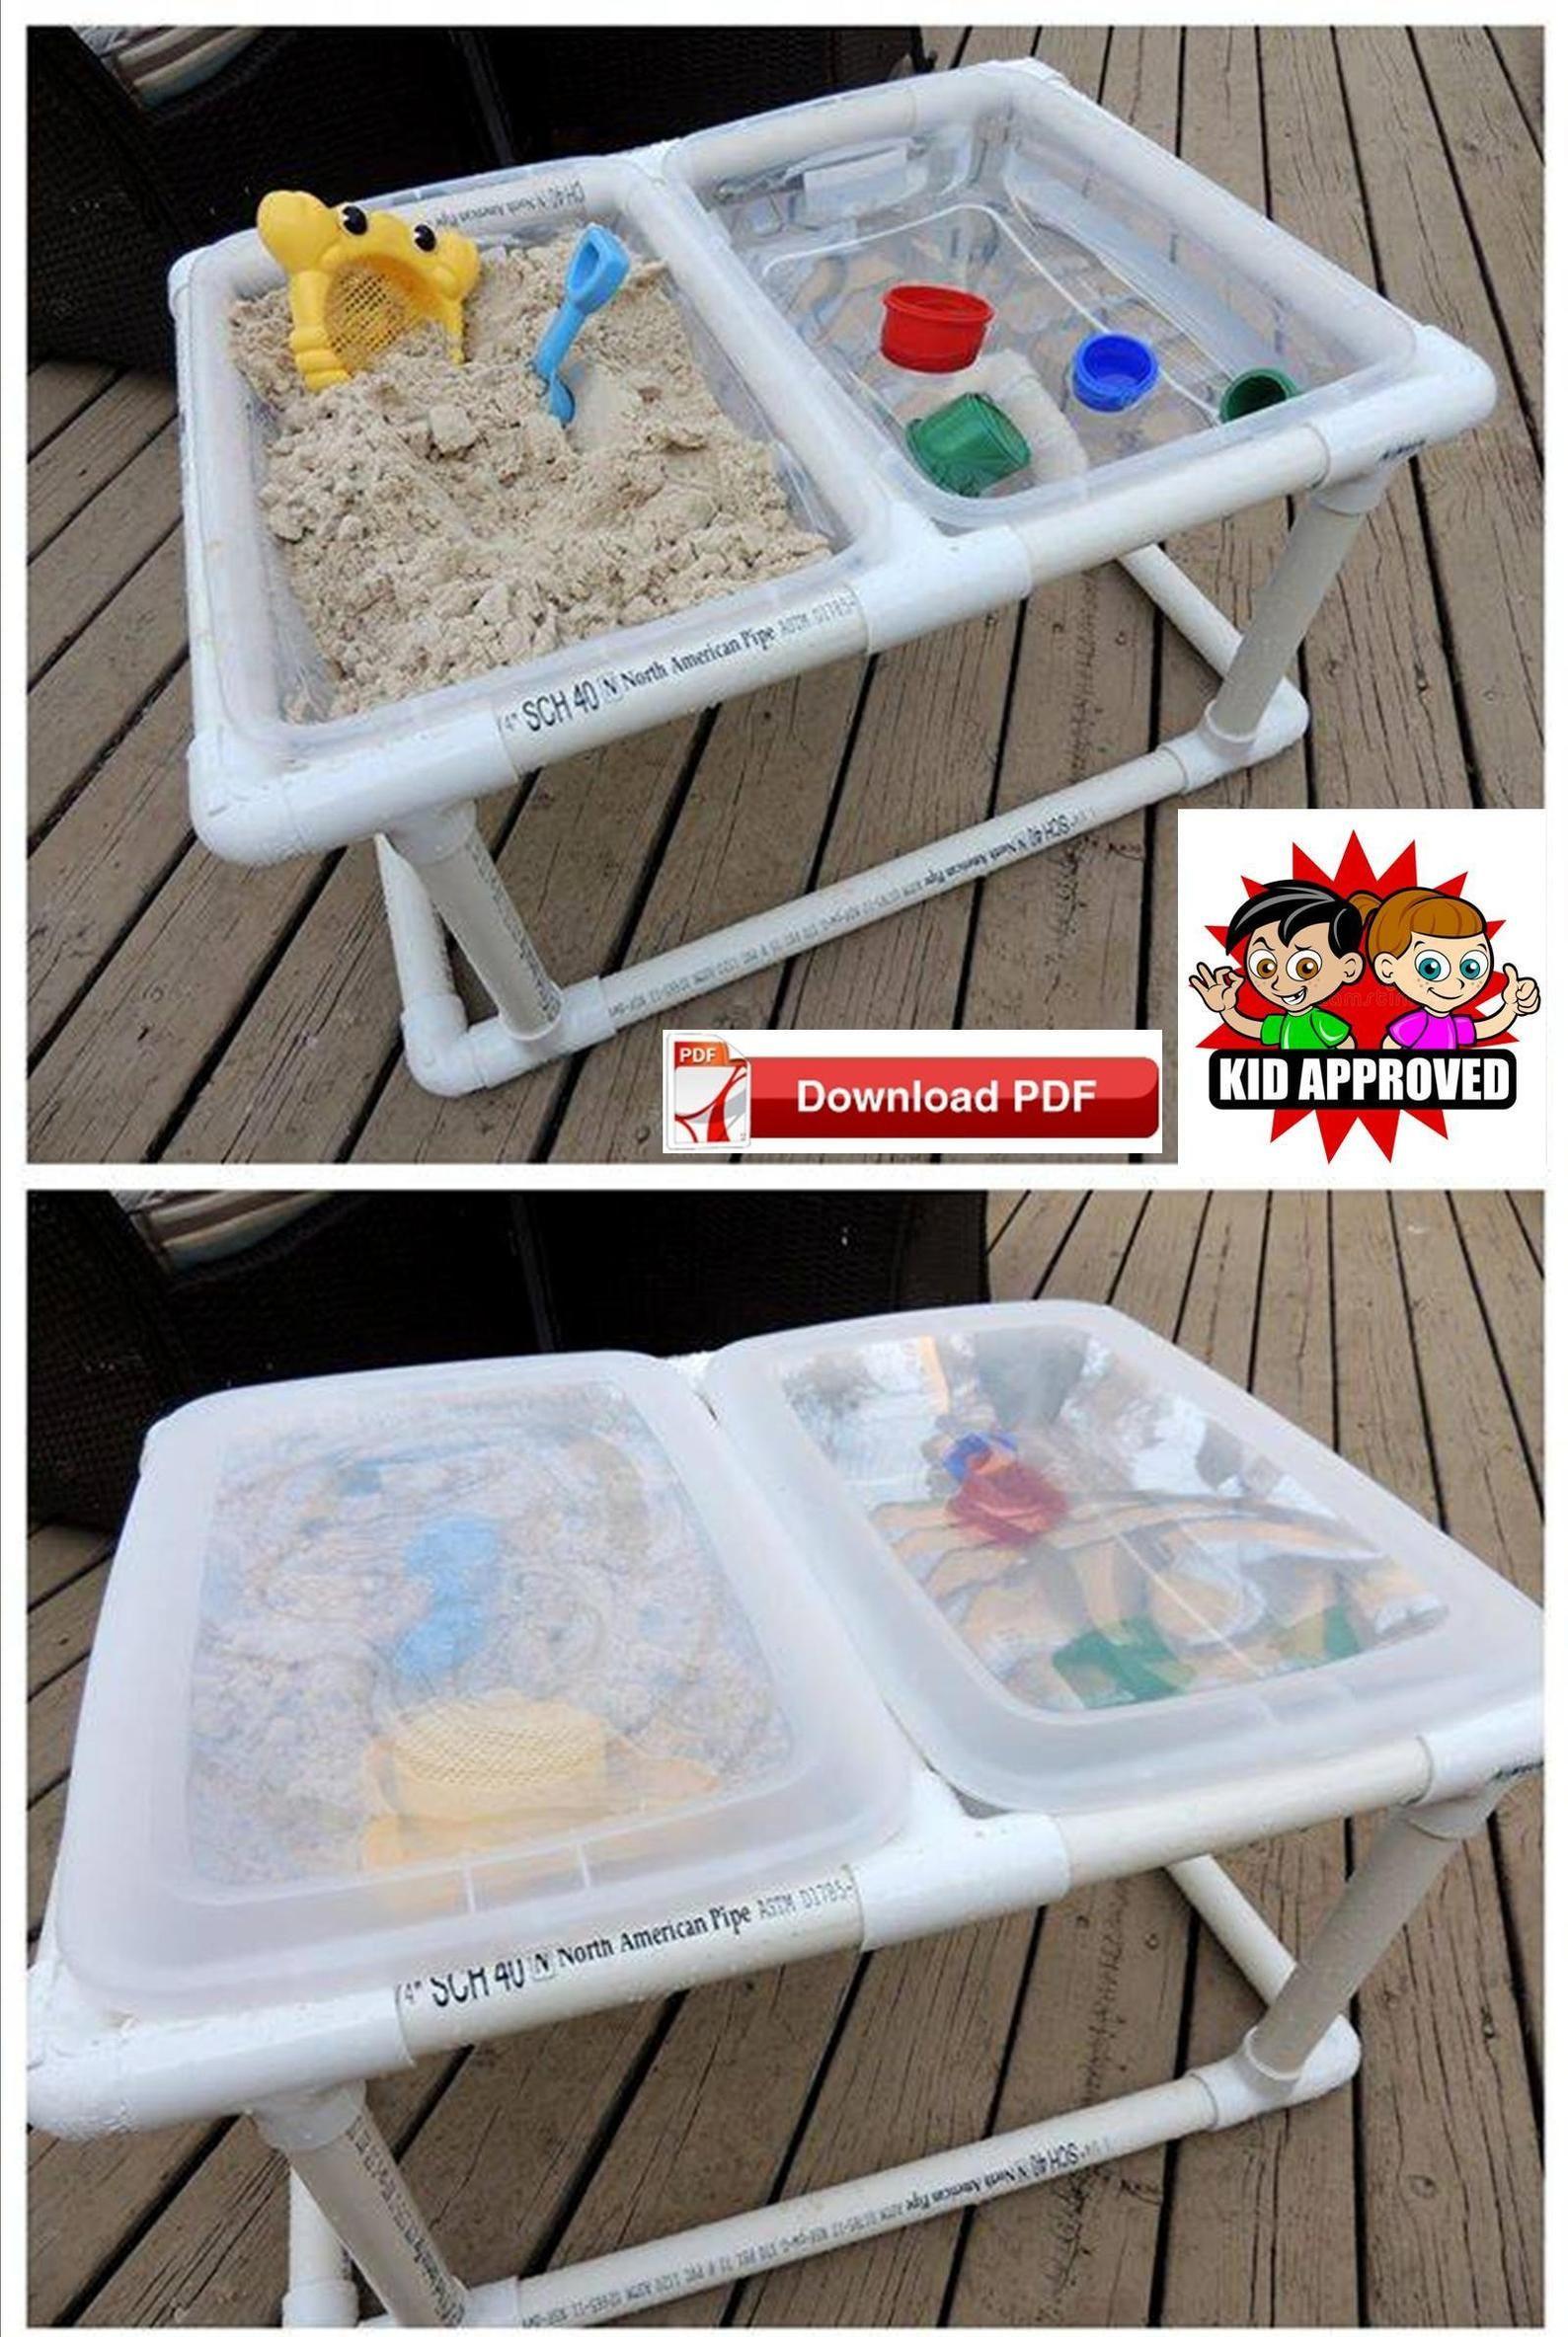 Photo of Plan de mesa de arena / plan de mesa de agua / plan de mesa sensorial / plan de estación de juego / plan de totalizador de exterior / plan de totalizador de mesa / plan de totalizador de pvc / plan de juego al aire libre